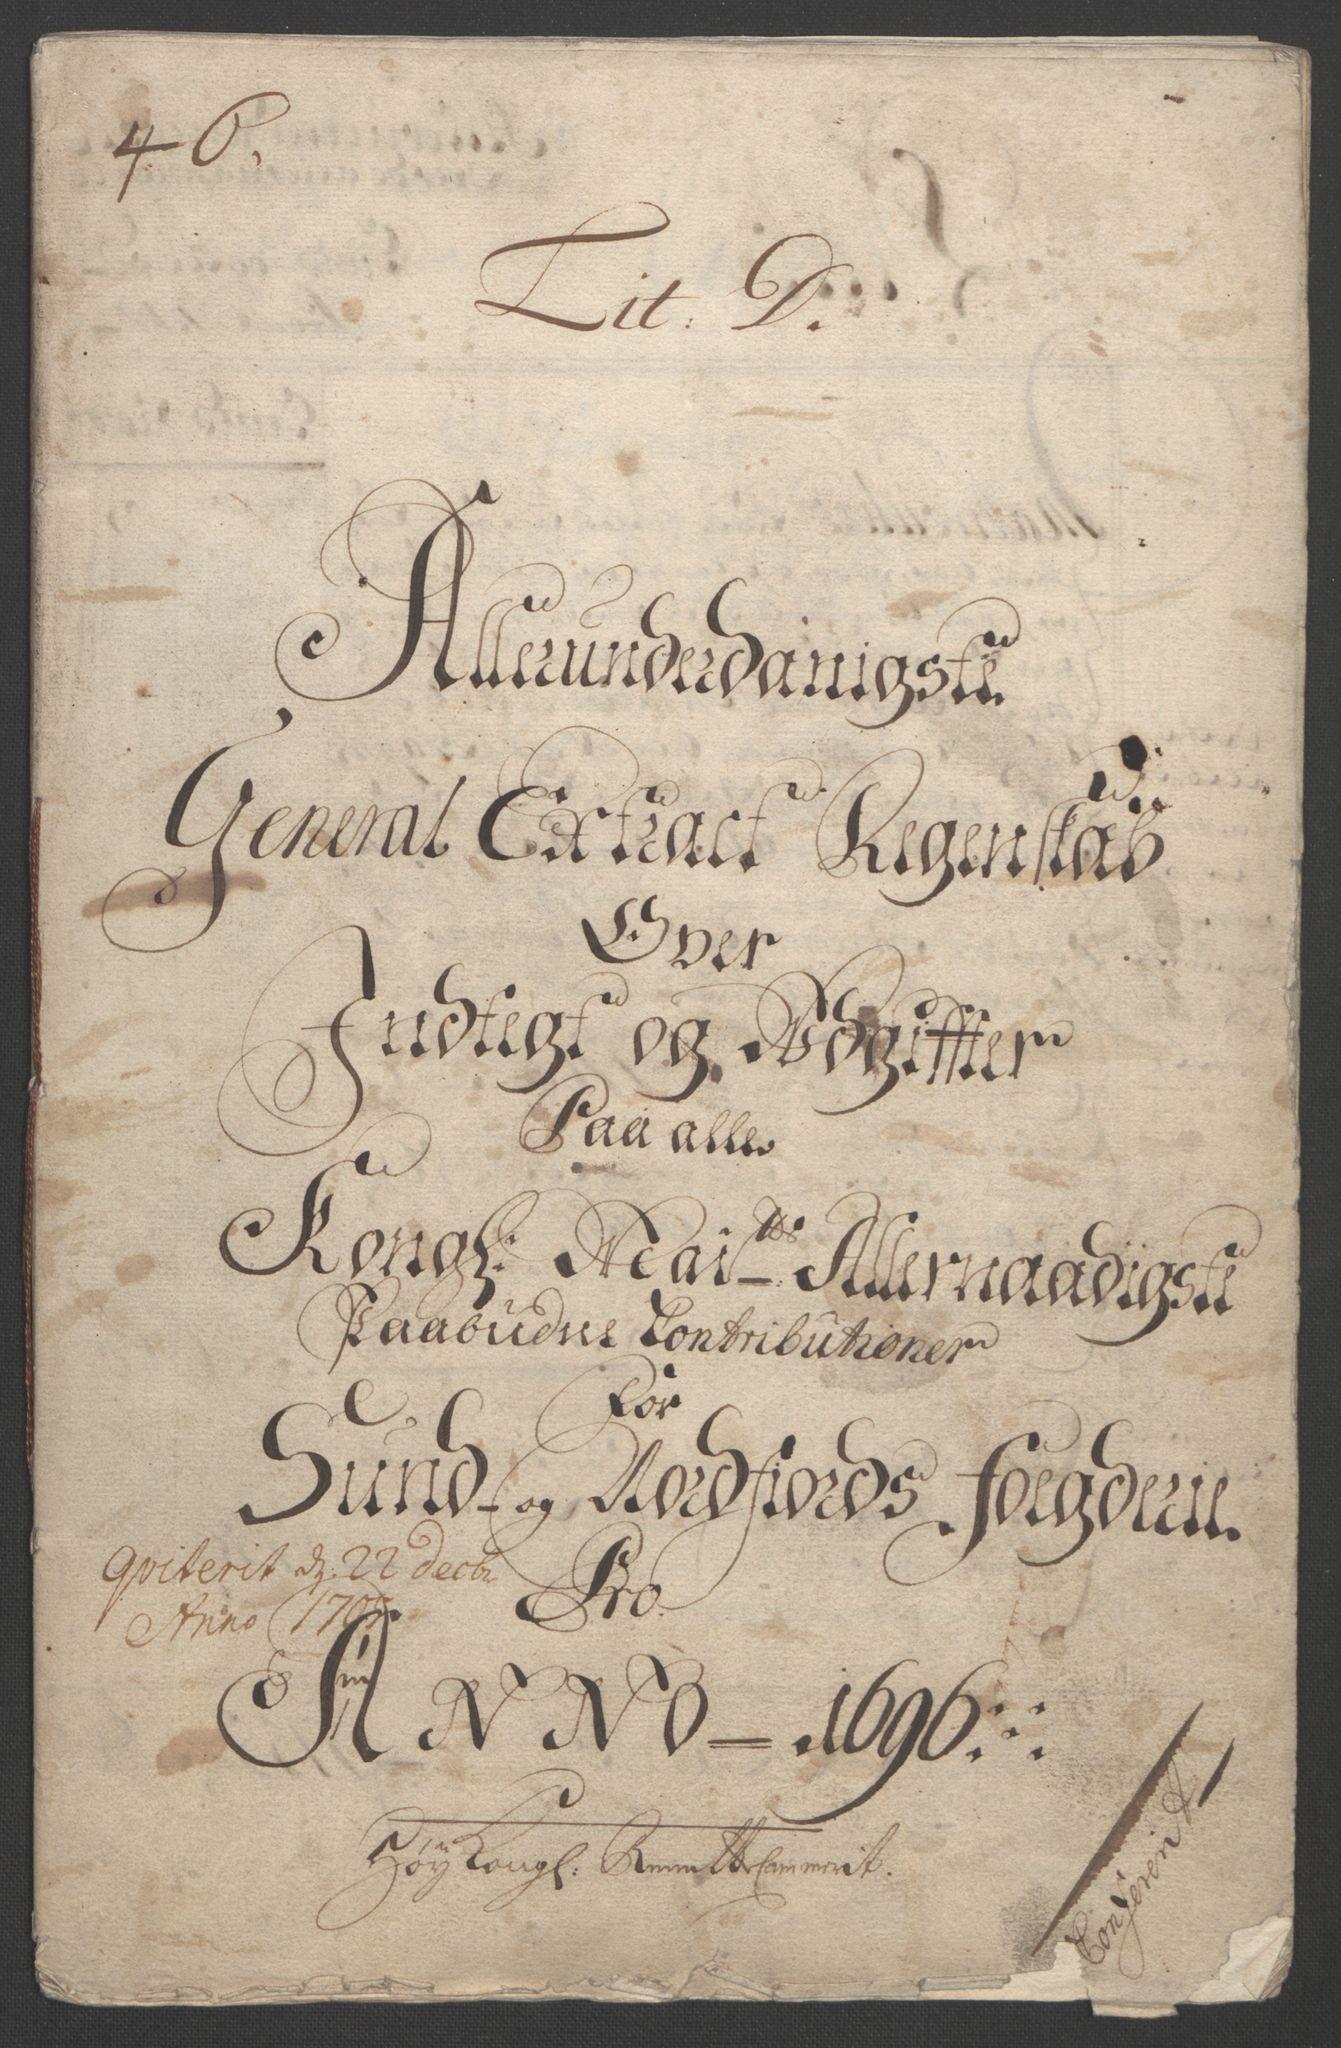 RA, Rentekammeret inntil 1814, Reviderte regnskaper, Fogderegnskap, R53/L3422: Fogderegnskap Sunn- og Nordfjord, 1695-1696, s. 217